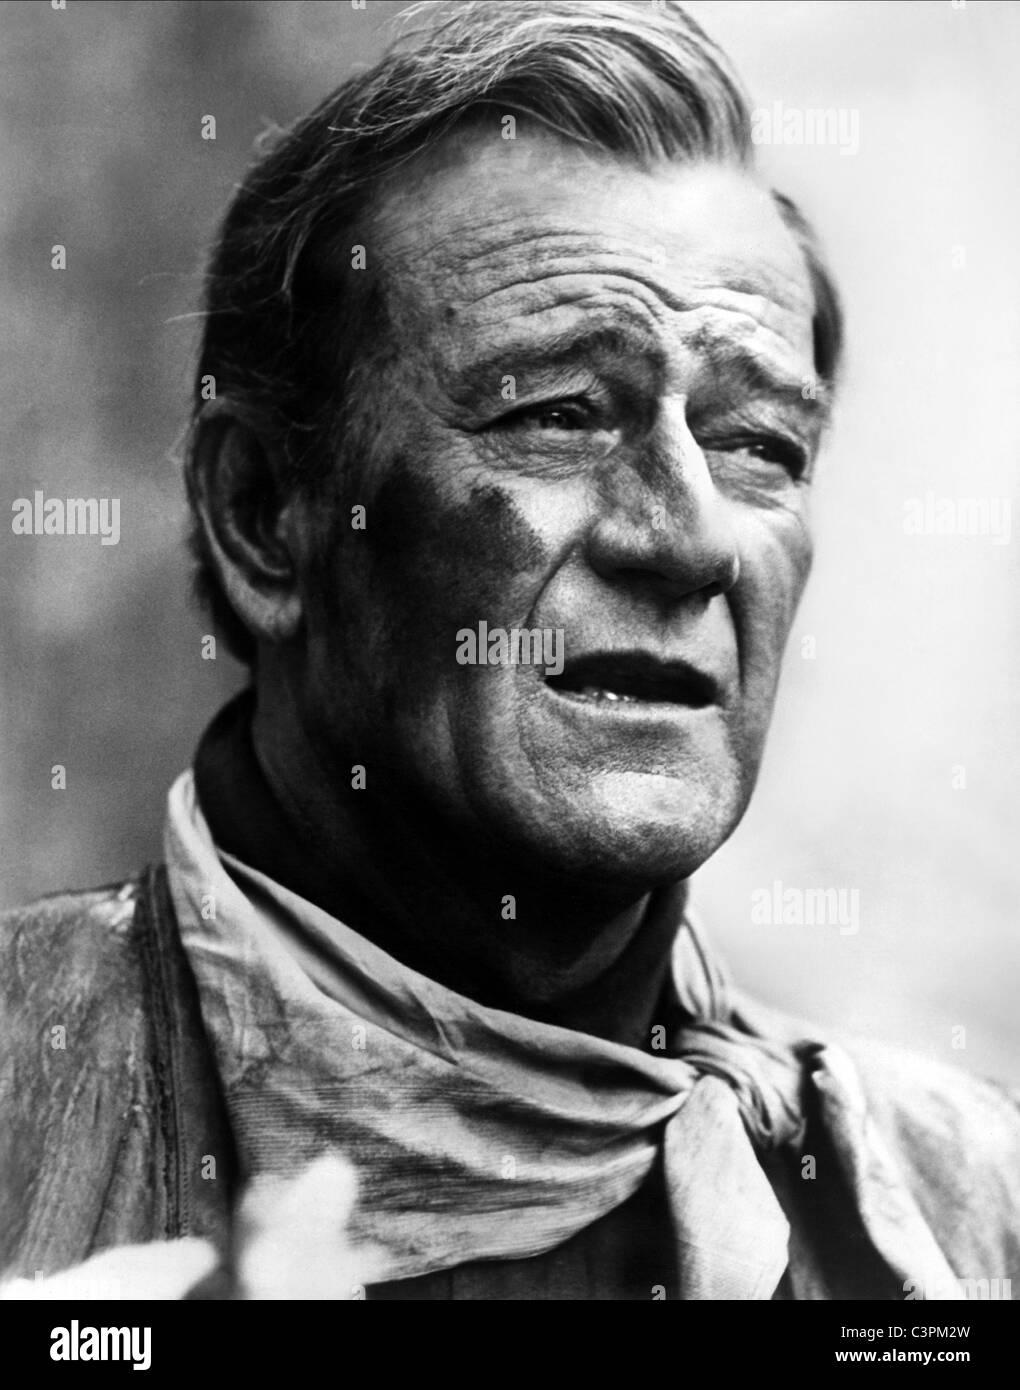 JOHN WAYNE THE ALAMO (1960) - Stock Image